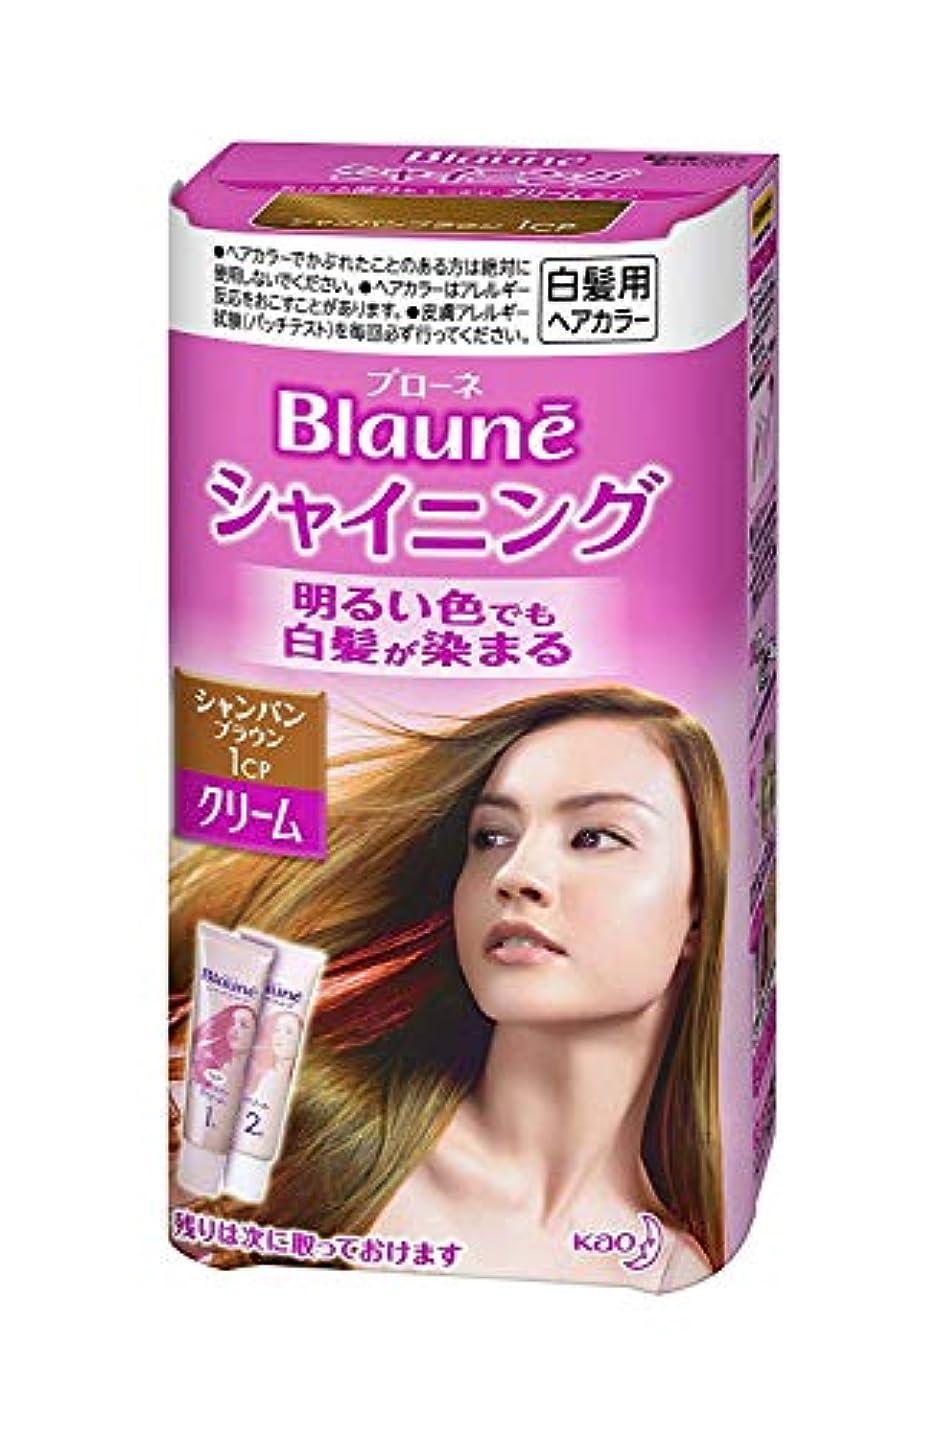 望ましいと組む賠償【花王】ブローネ シャイニングヘアカラークリーム1CP シャンパンブラウン ×10個セット